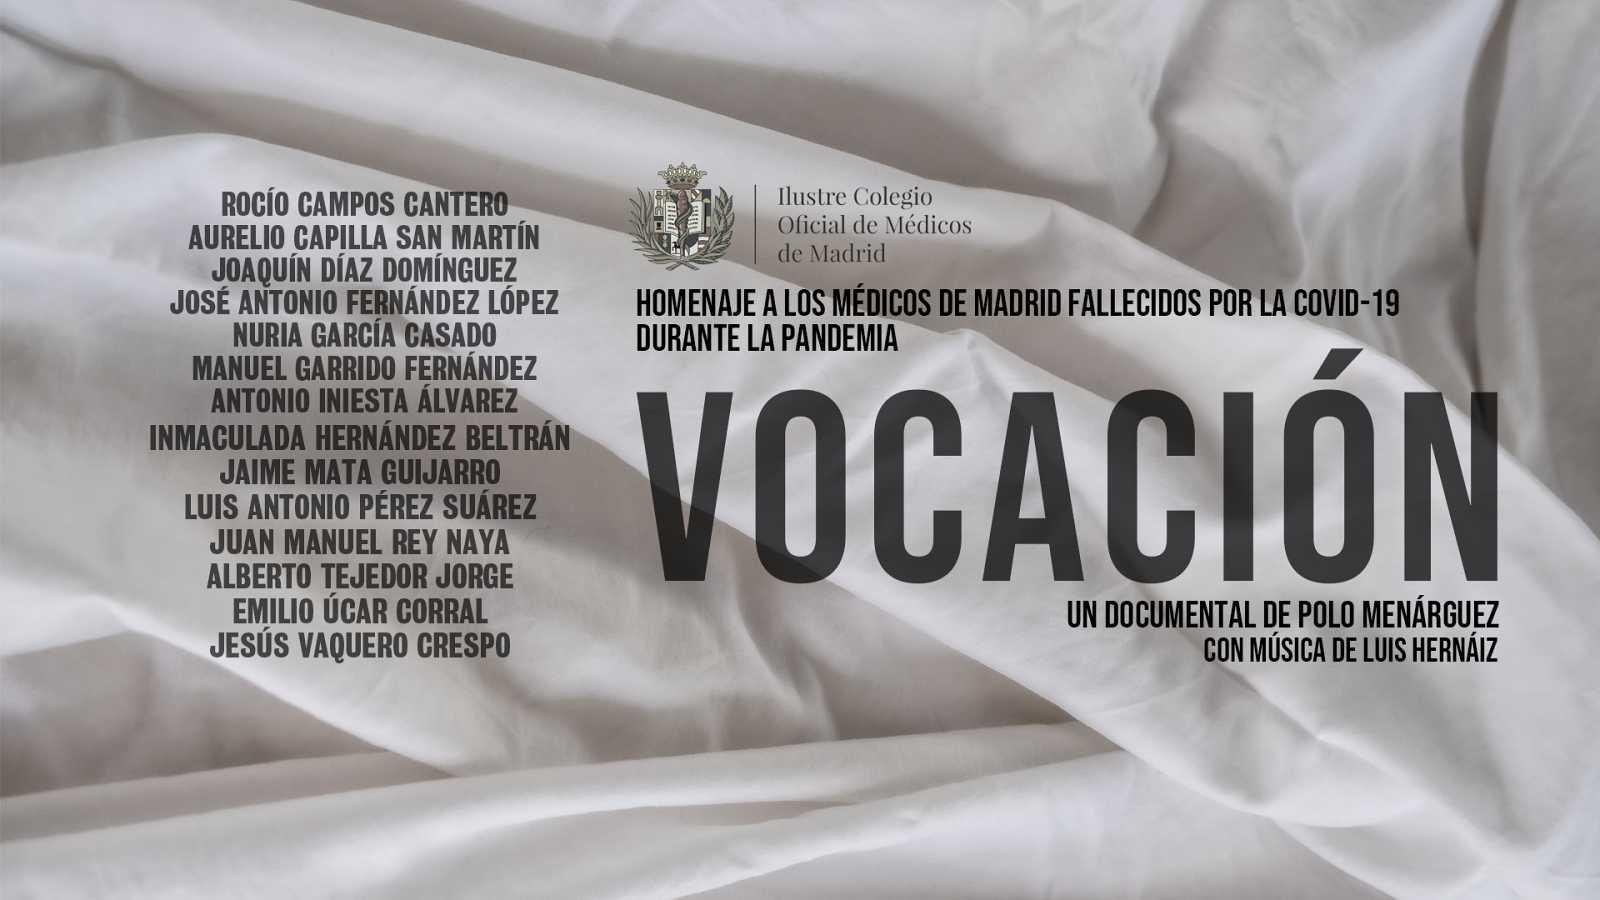 'Vocación', un homenaje a los médicos fallecidos durante la pandemia de coronavirus